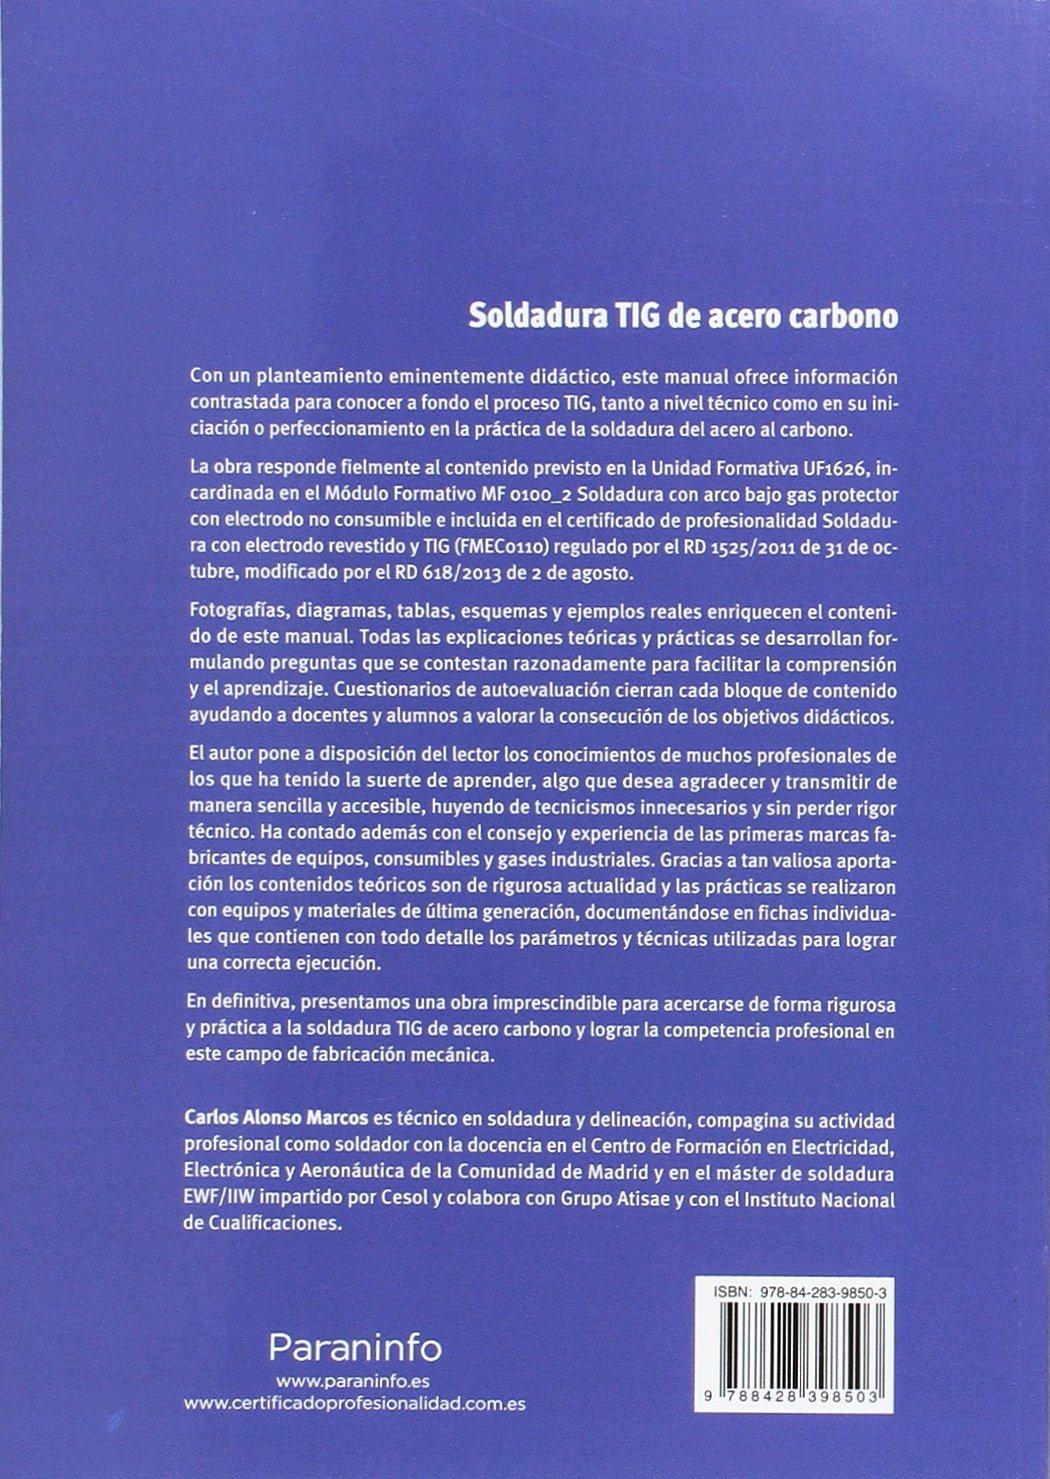 UF1626 - Soldadura TIG de acero carbono: Carlos Alonso Marcos: 9788428398503: Amazon.com: Books